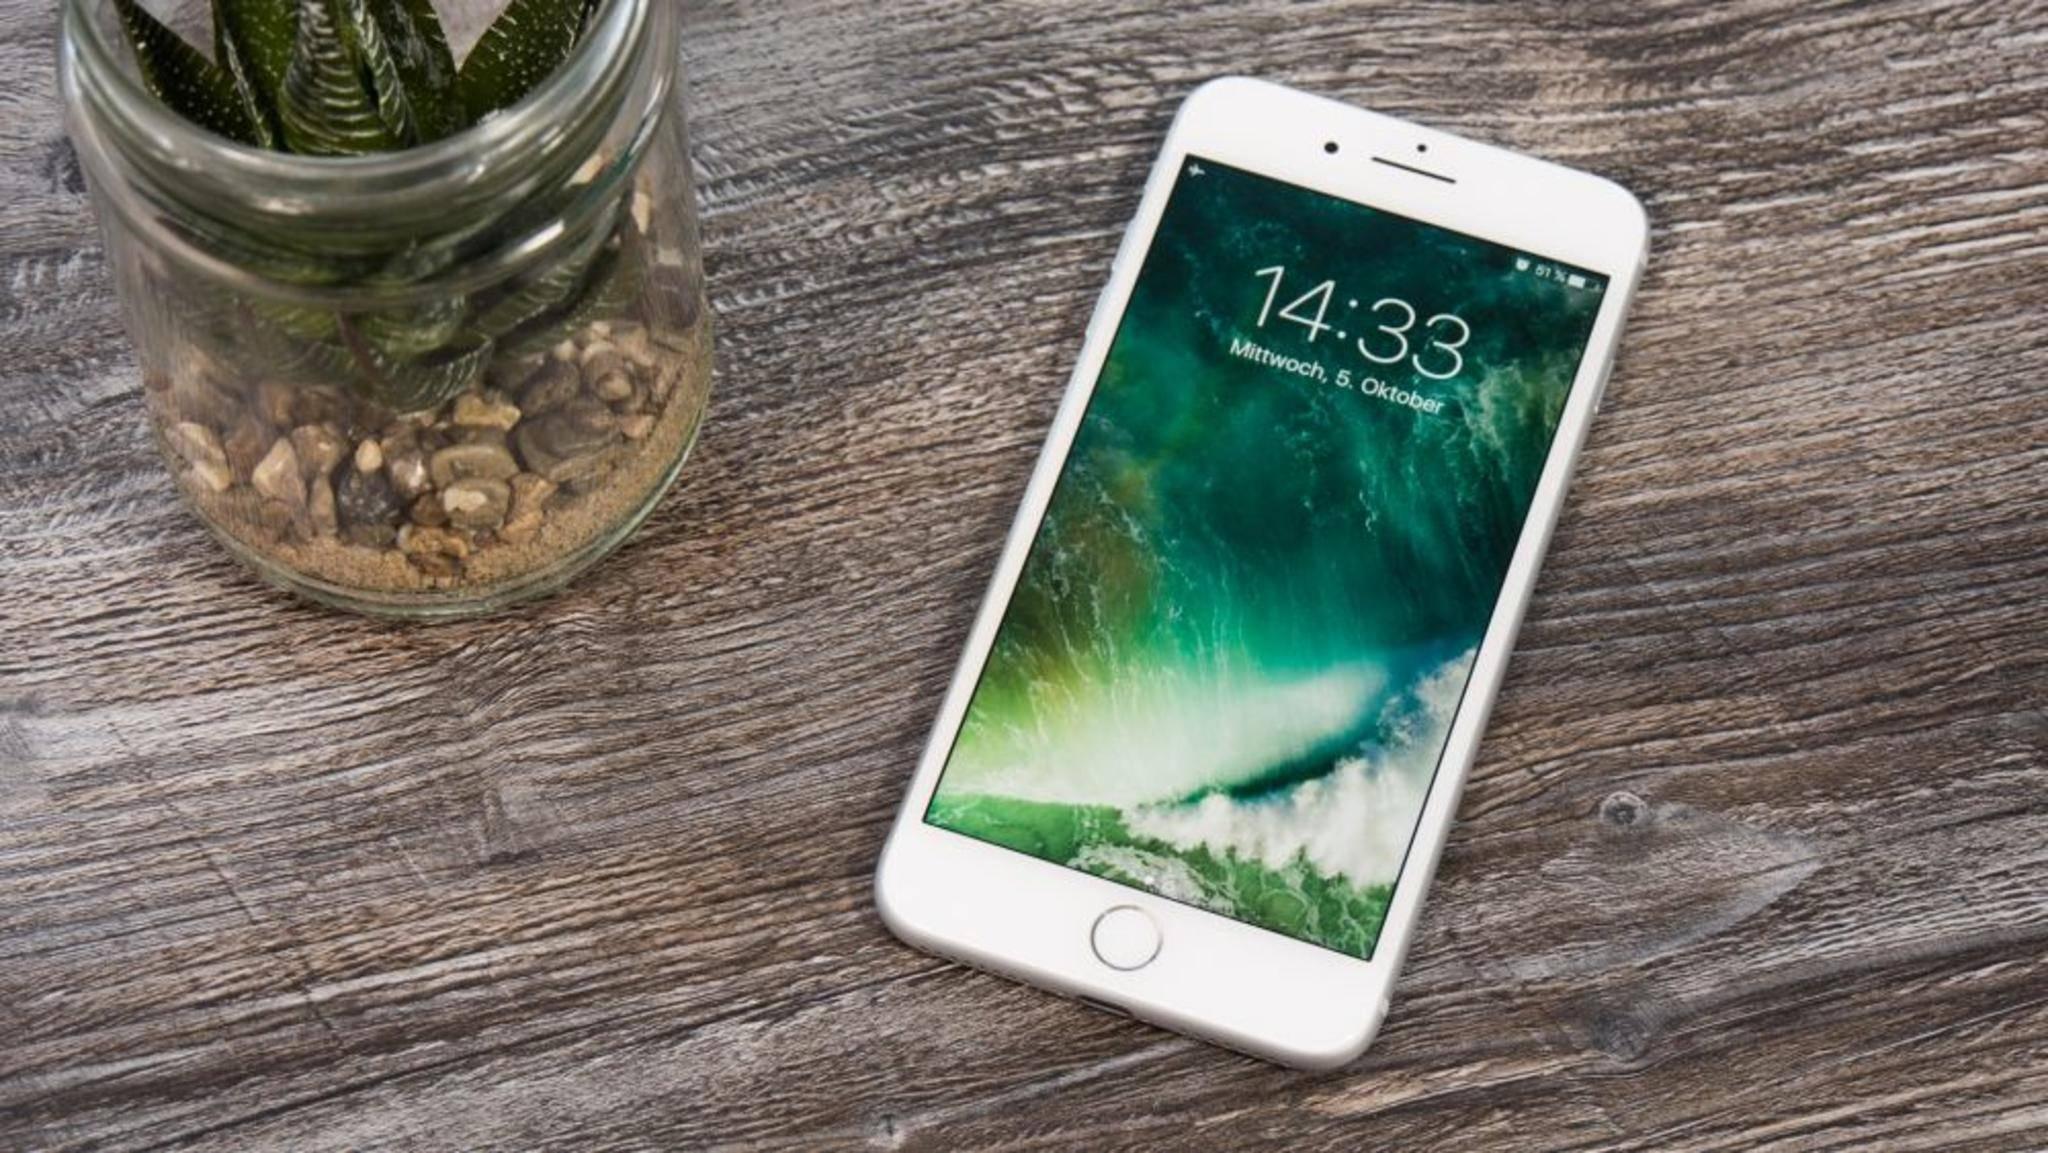 Für enttäuschte Note 7-Kunden könnte das iPhone 7 Plus eine attraktive Alternative sein.